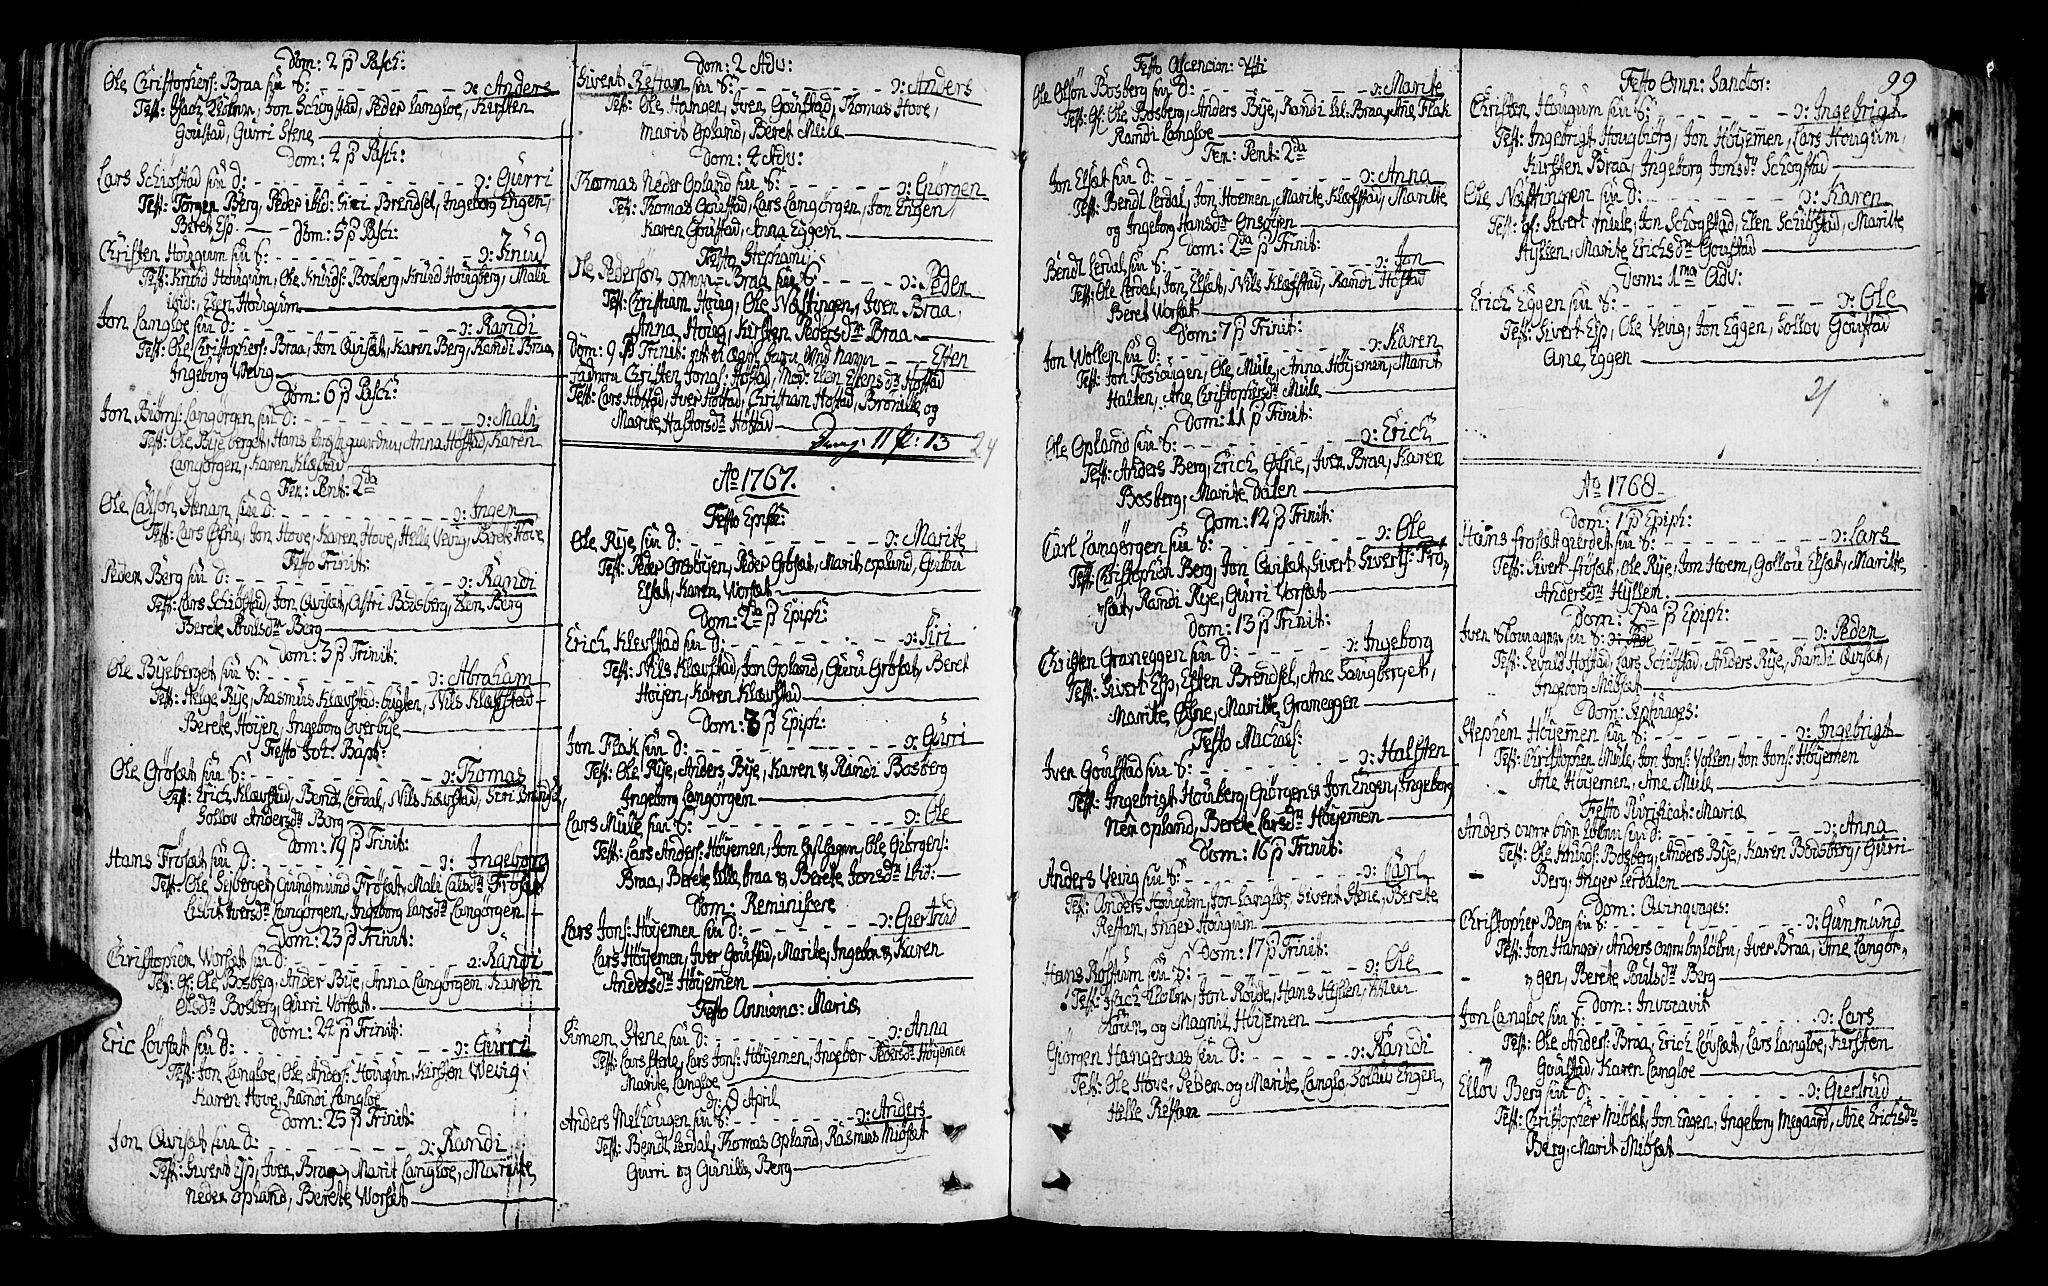 SAT, Ministerialprotokoller, klokkerbøker og fødselsregistre - Sør-Trøndelag, 612/L0370: Ministerialbok nr. 612A04, 1754-1802, s. 99